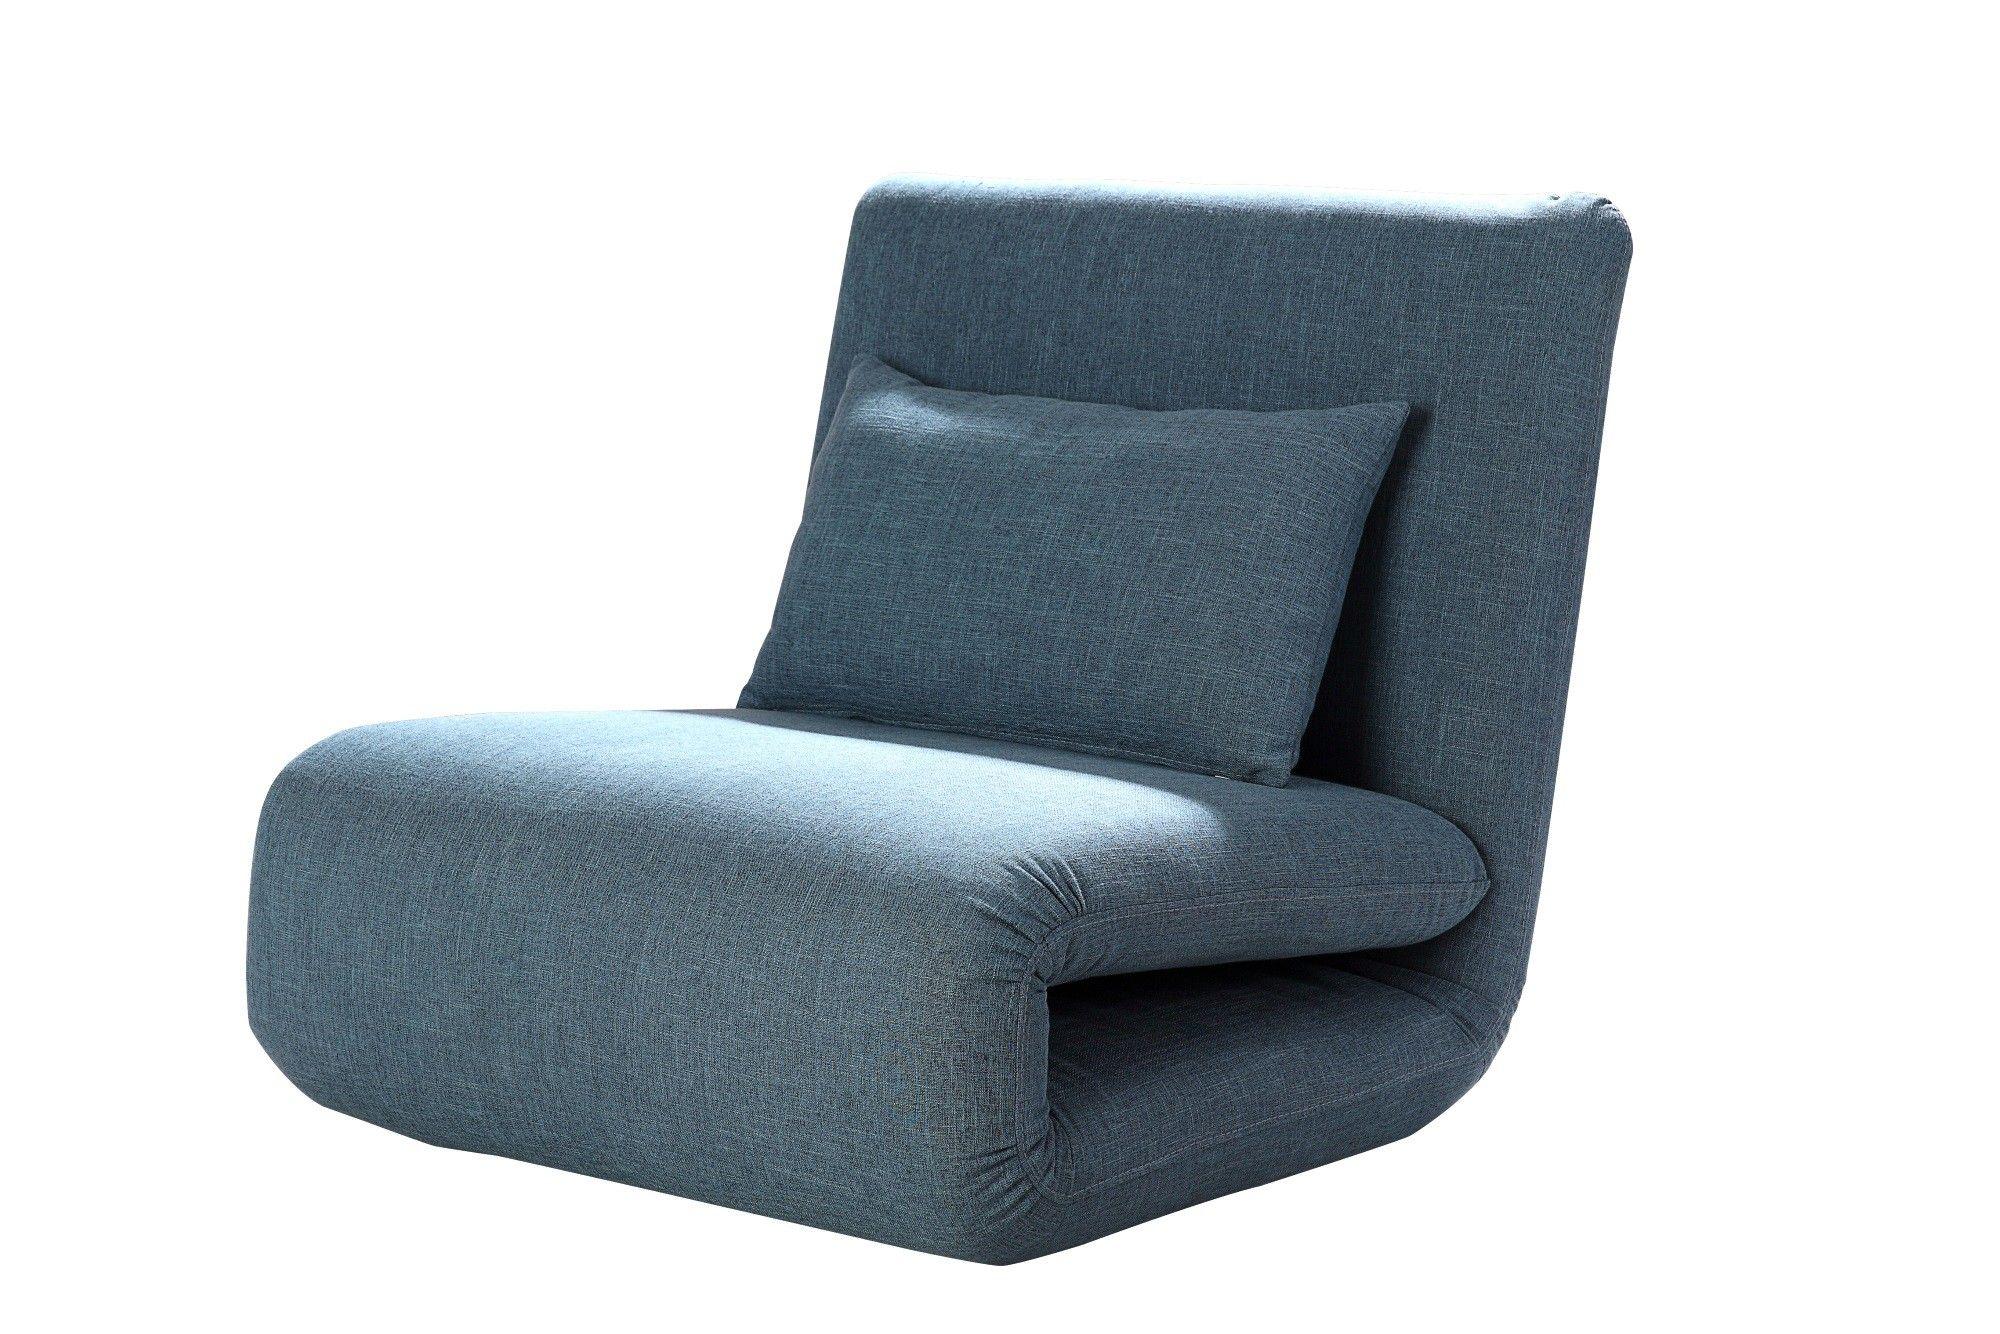 fauteuil design convertible en tissu bleu norton fauteuil design fauteuils et lits. Black Bedroom Furniture Sets. Home Design Ideas